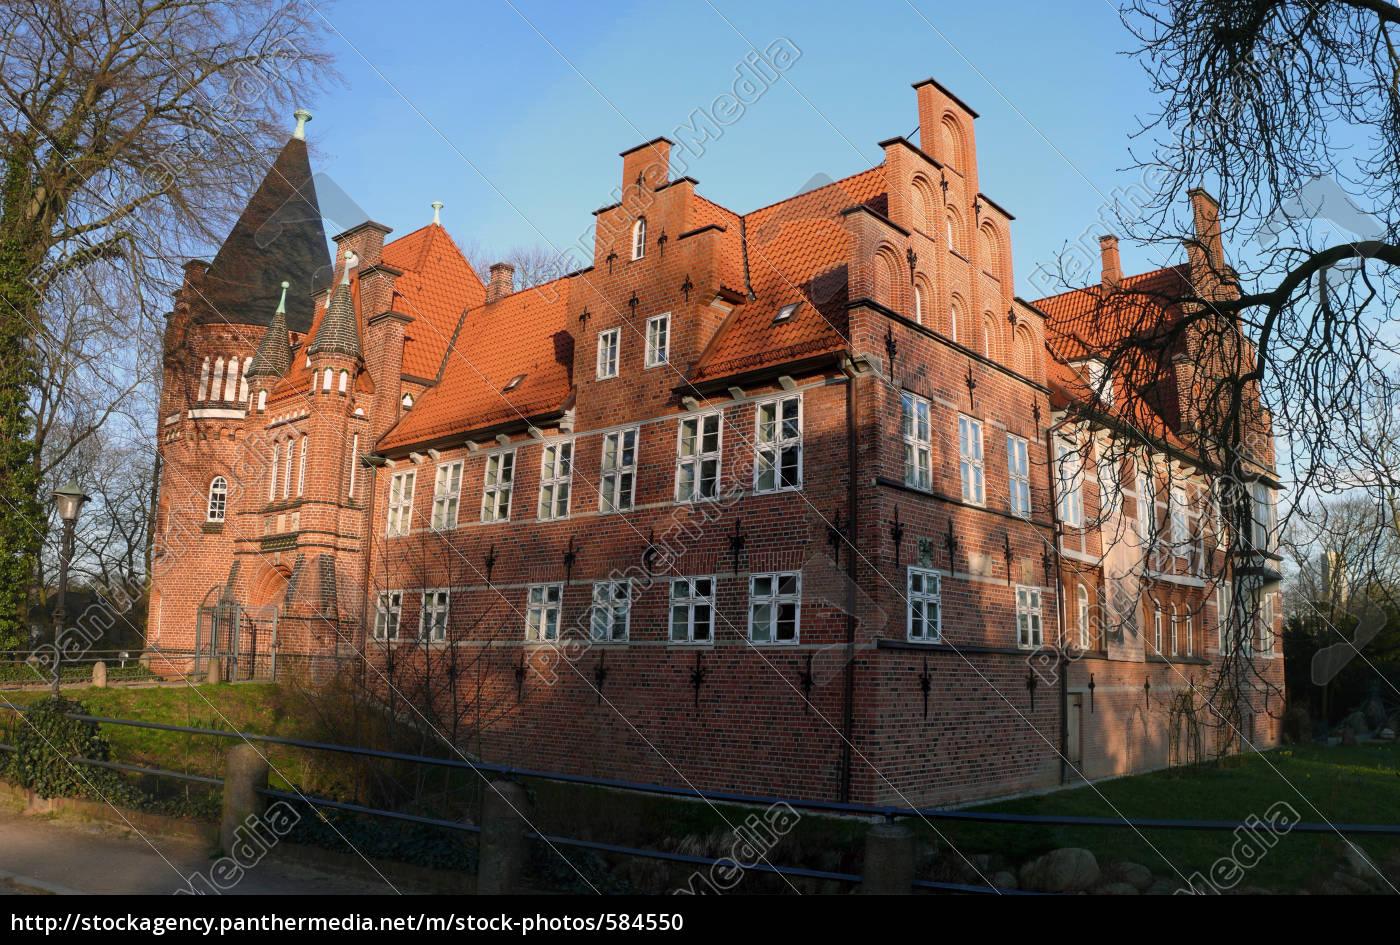 bergedorf, castle - 584550